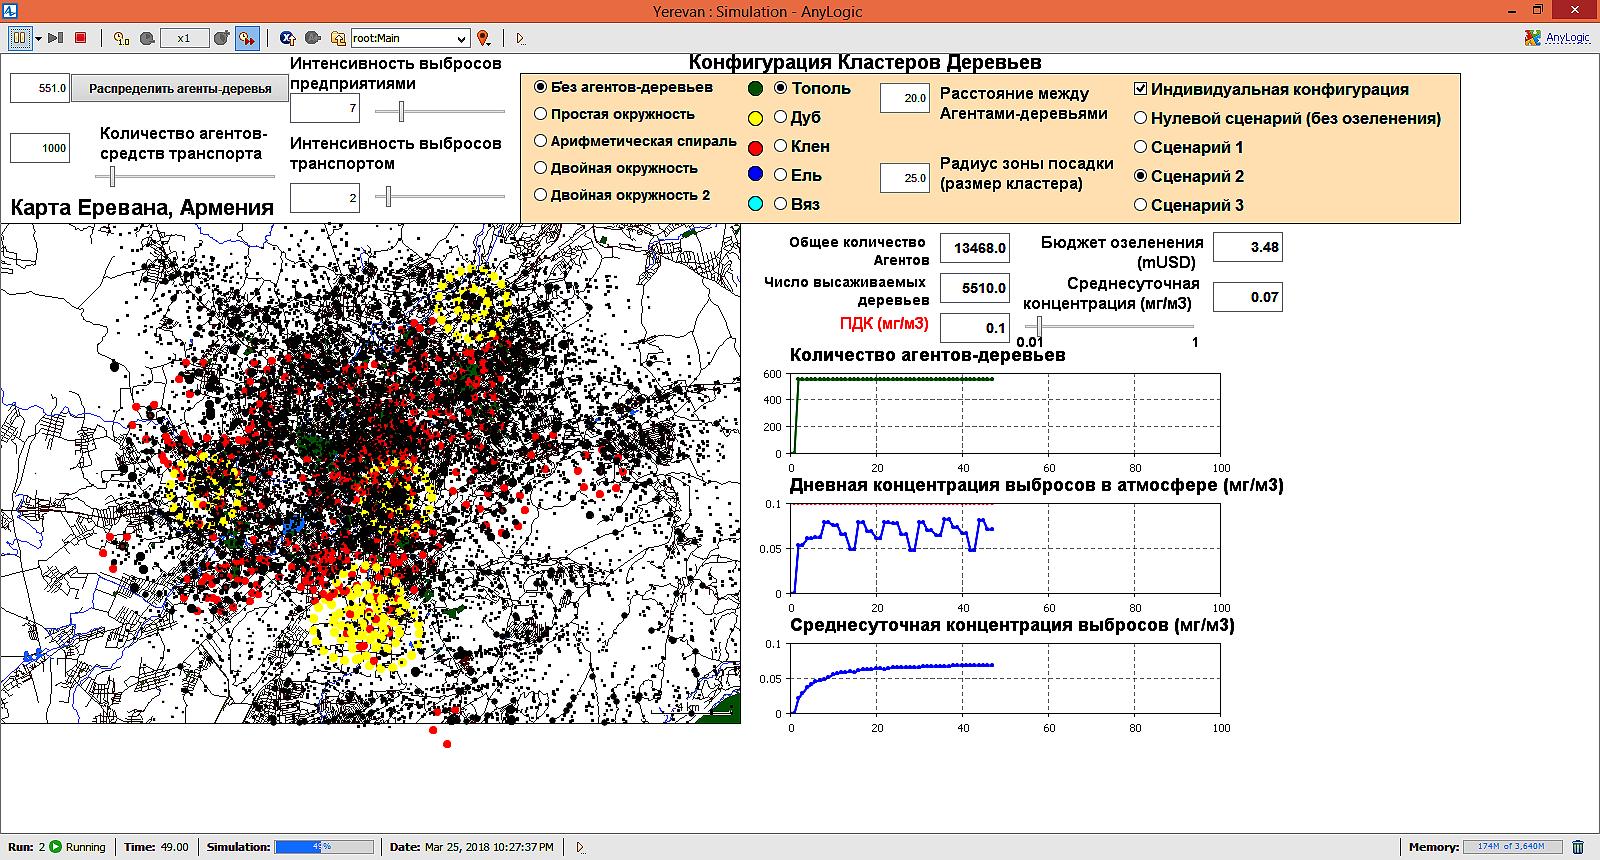 Рис. 2. Агентная модель распространения вредных выбросов в городе, реализованная в системе AnyLogic.